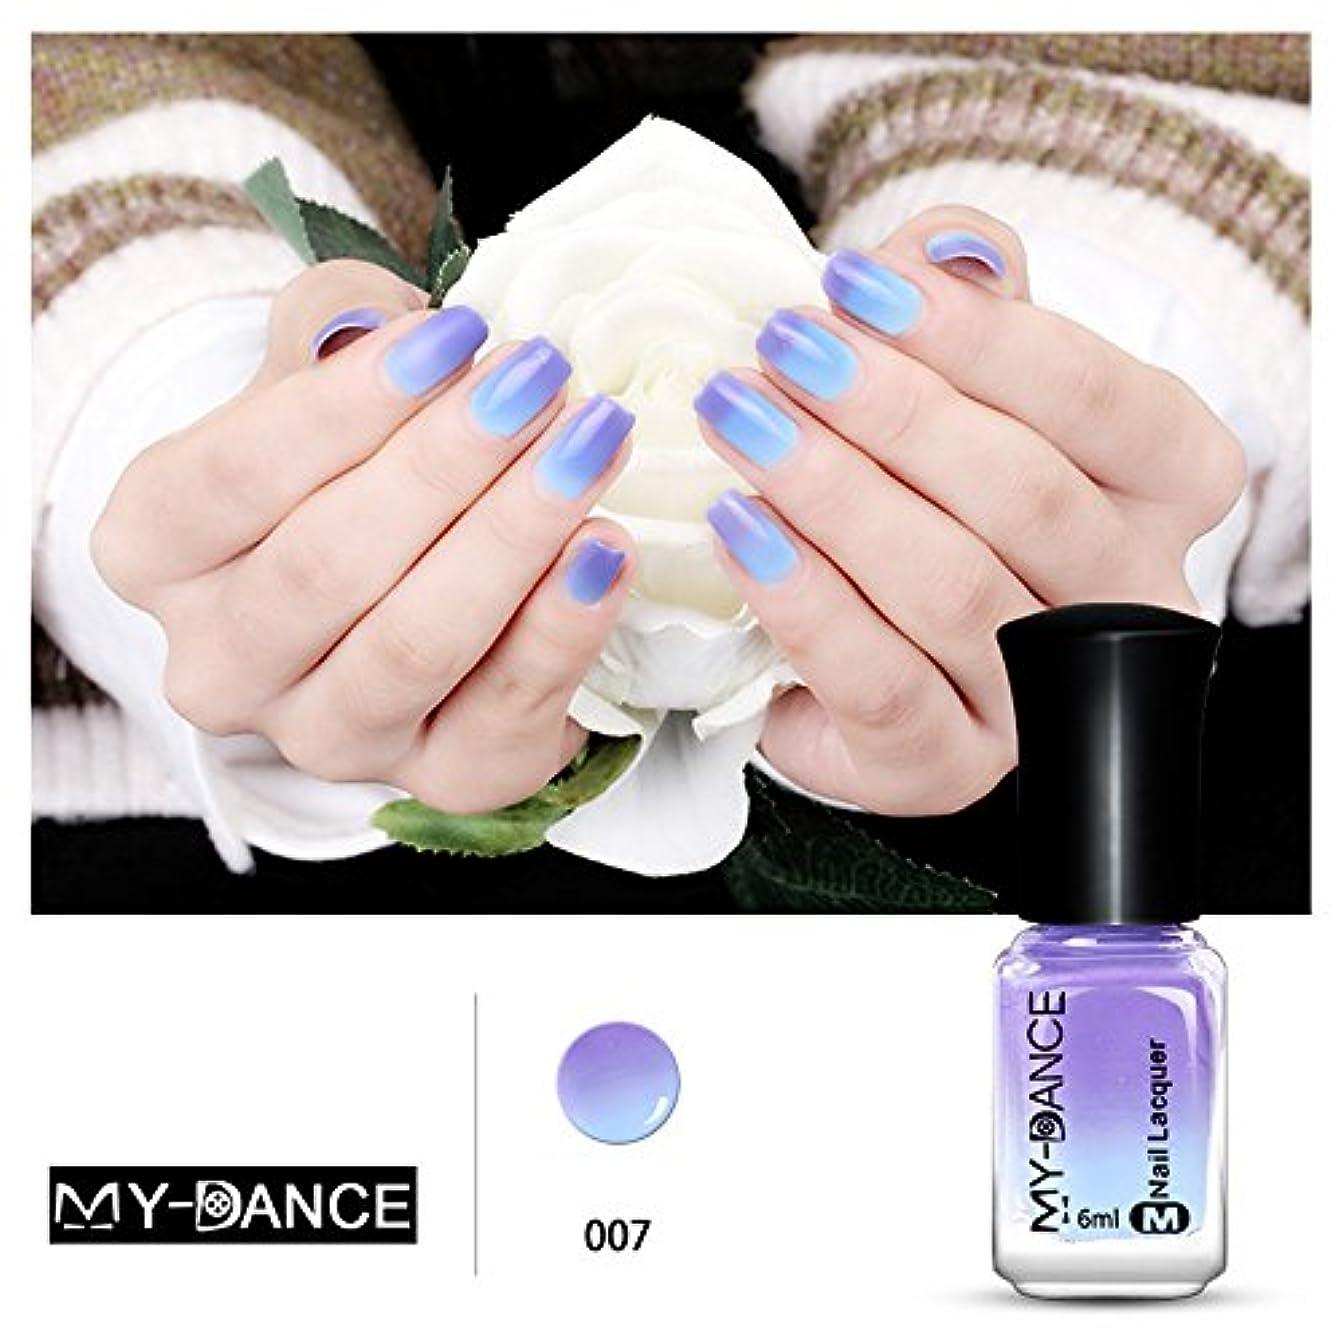 1ボトル 紫色変色グリッター マニキュアピールオフ温度によって色が変わるポリッシュ 変色 ネイルアート 6ml